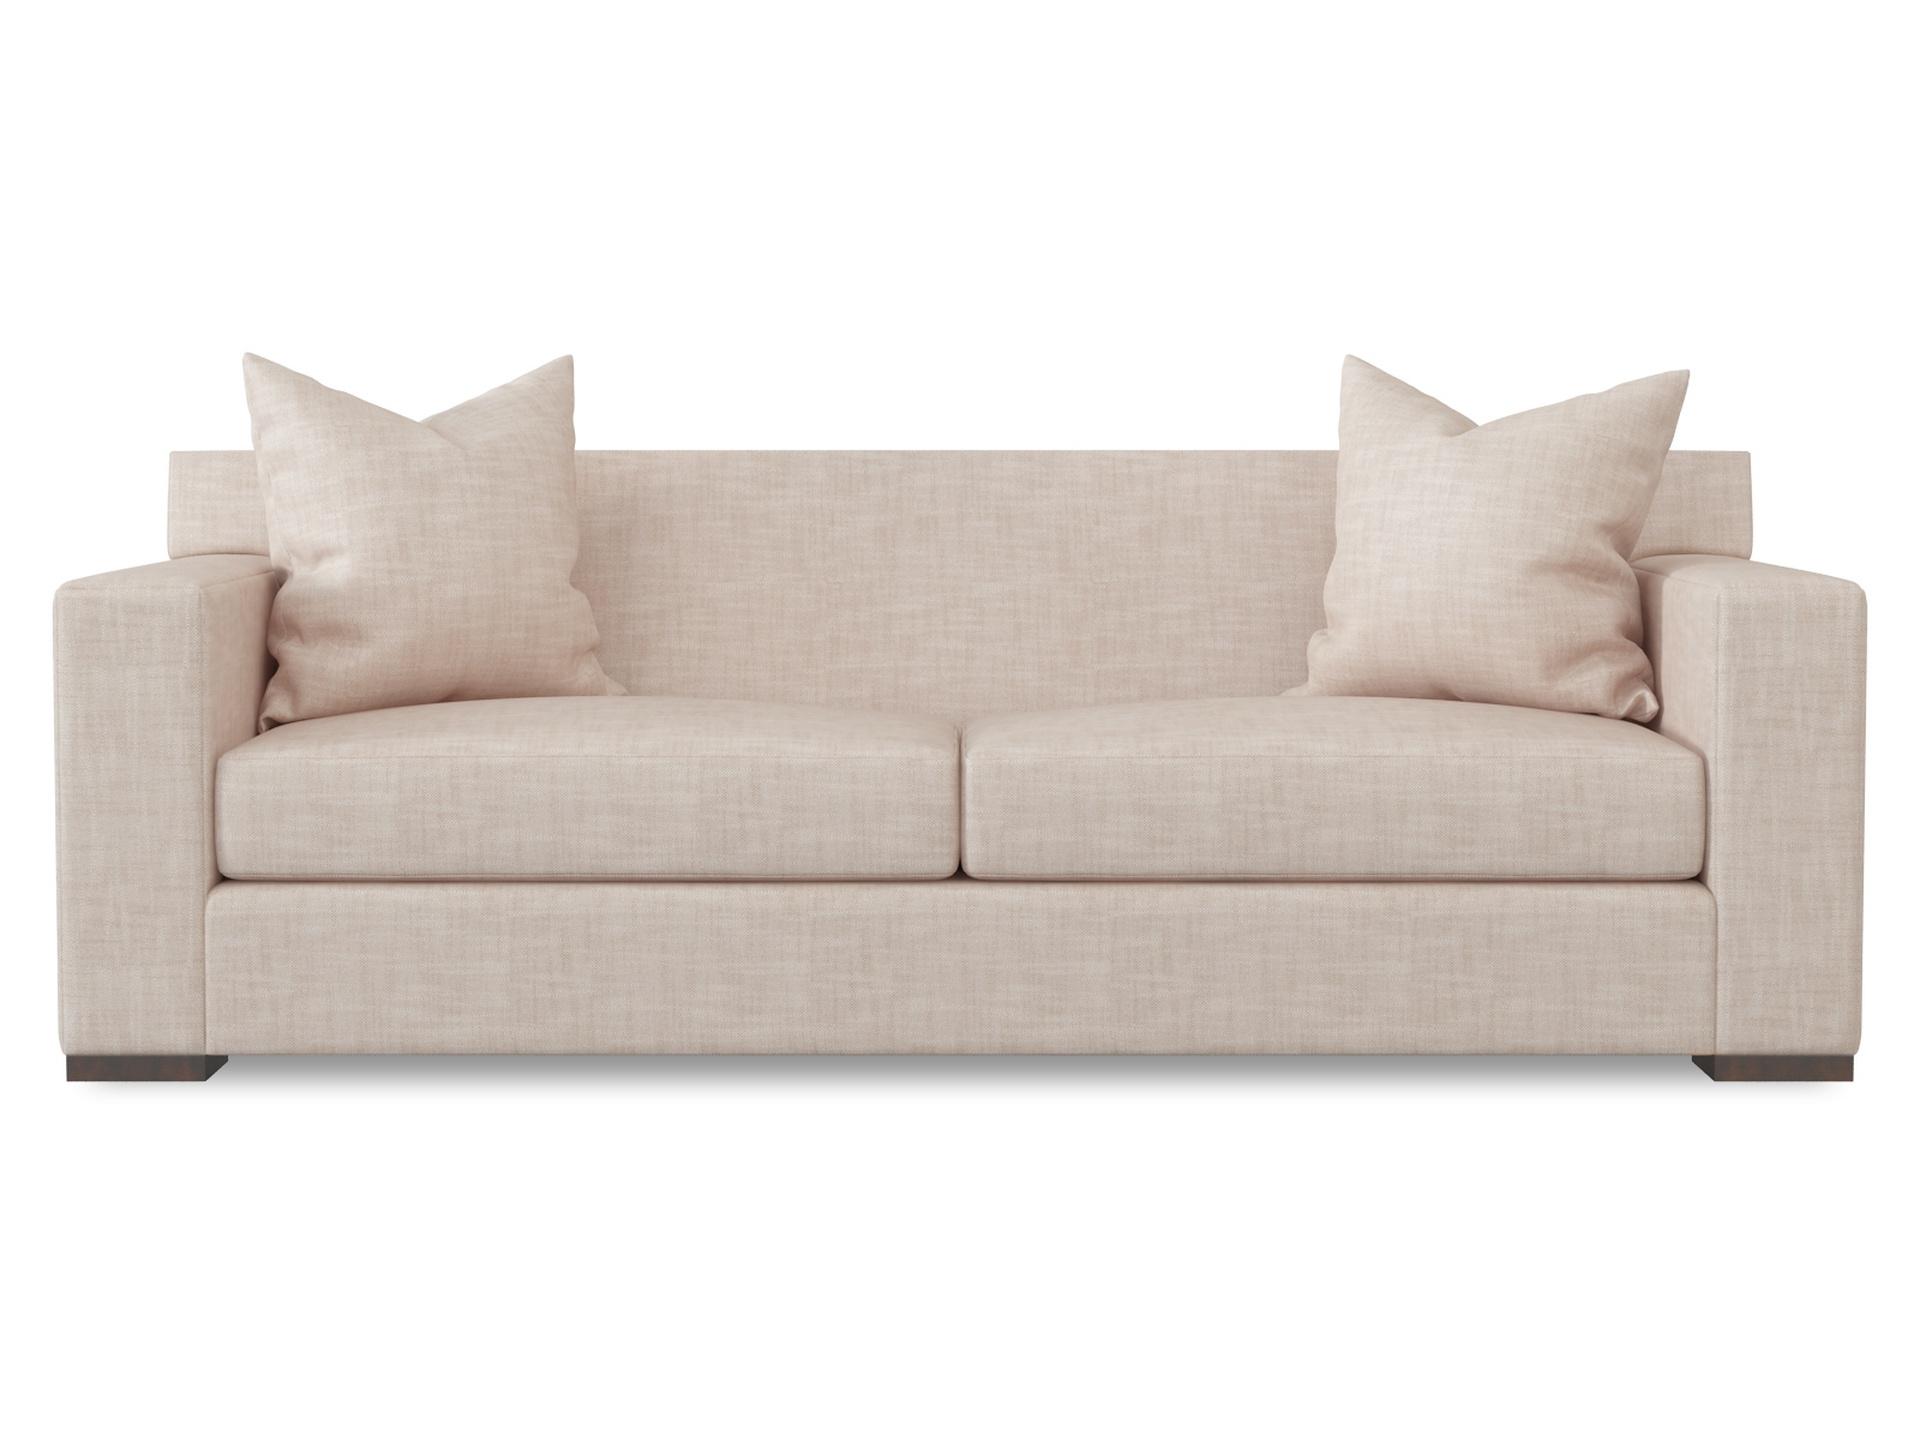 Performance Linen - Linen